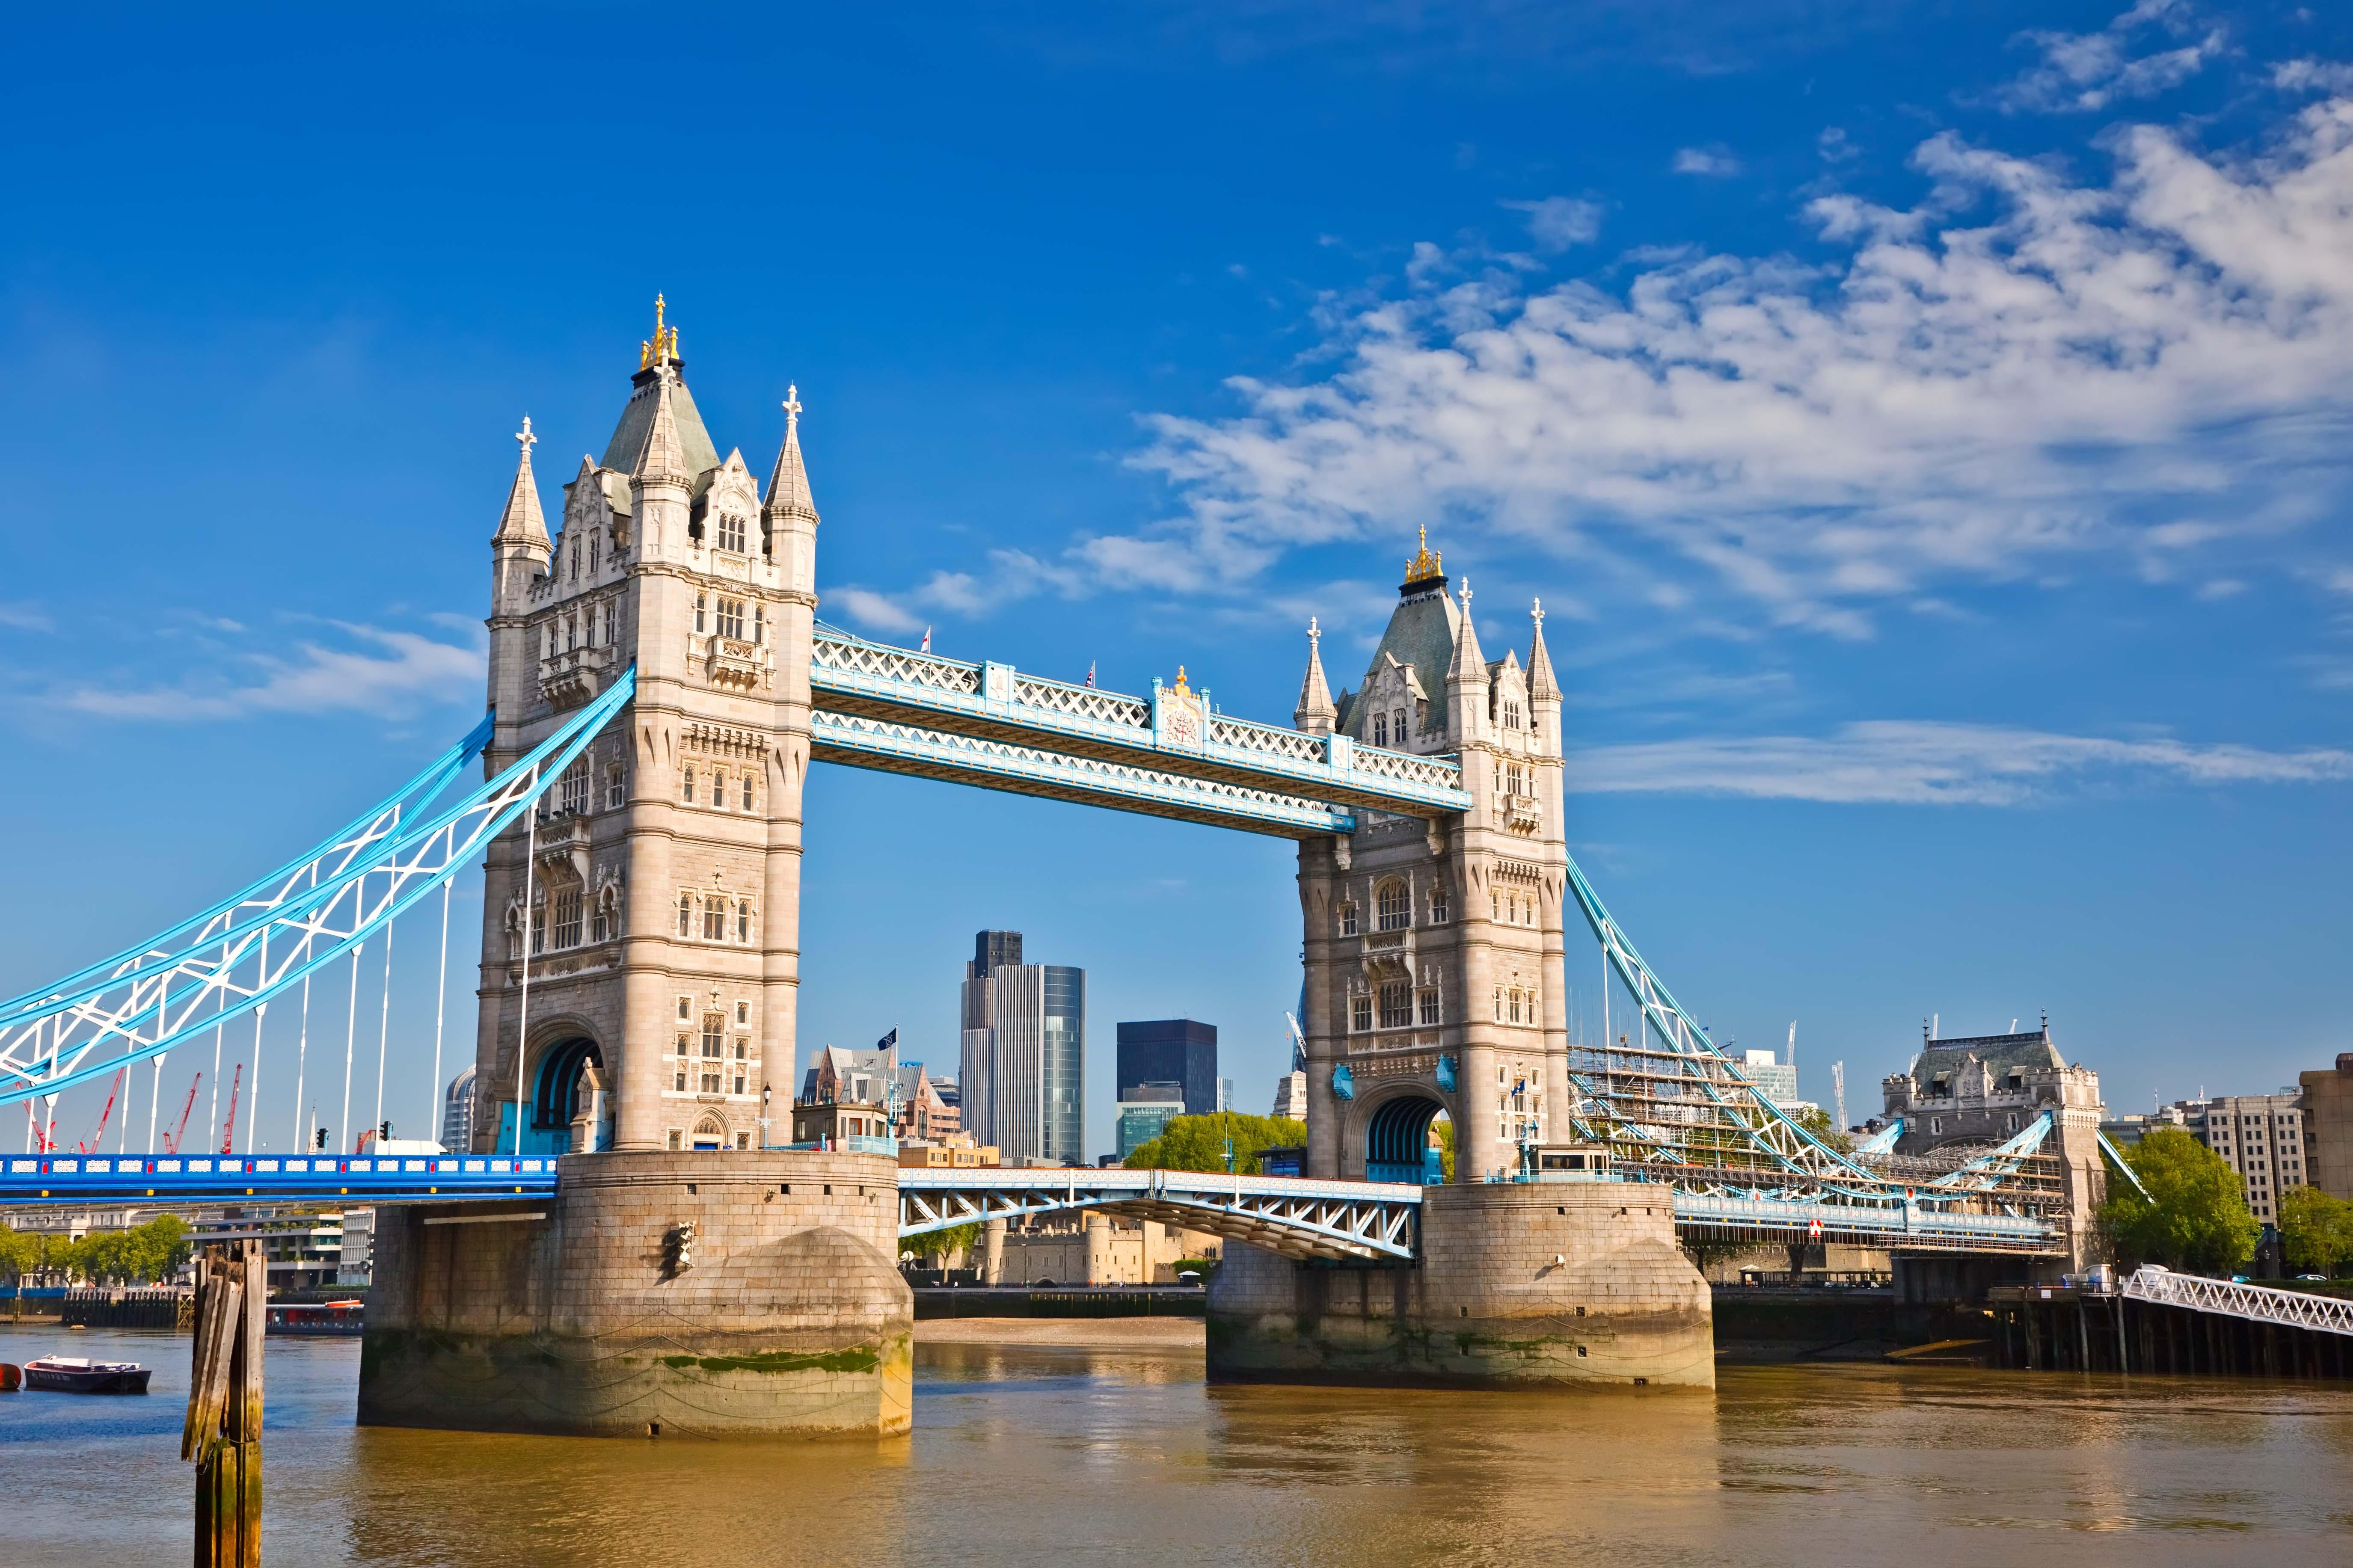 A Tower Bridge construída sobre Rio Tâmisa, inaugurada em 1894, é também um dos pontos turísticos mais visitados da cidade, além de ser conhecida como uma das pontes mais famosas do mundo. / GB Imagem